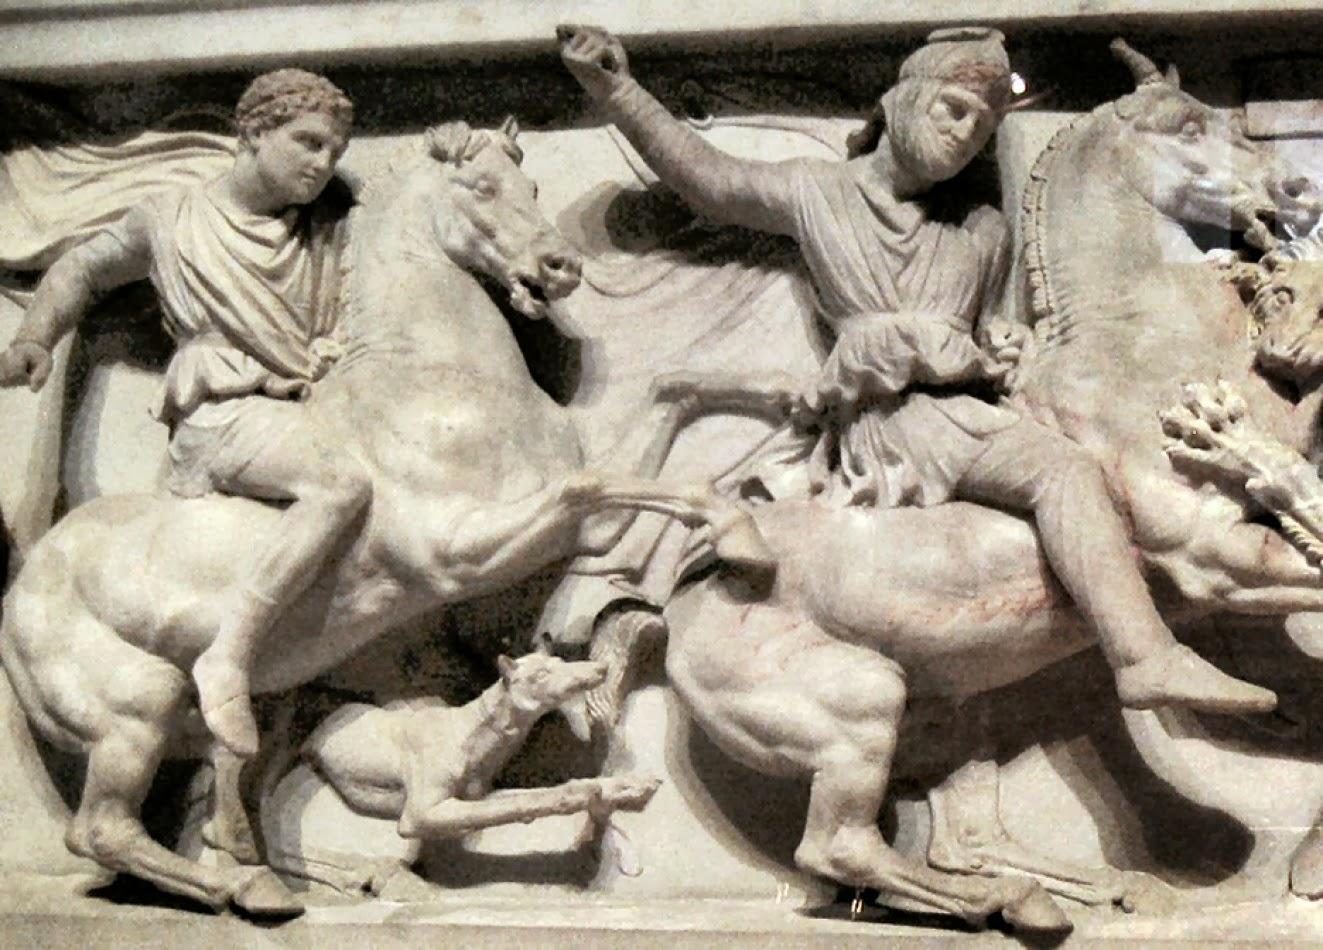 Αποτέλεσμα εικόνας για Απεικόνιση Μ. Αλεξάνδρου με τον σκύλο του Περίτα